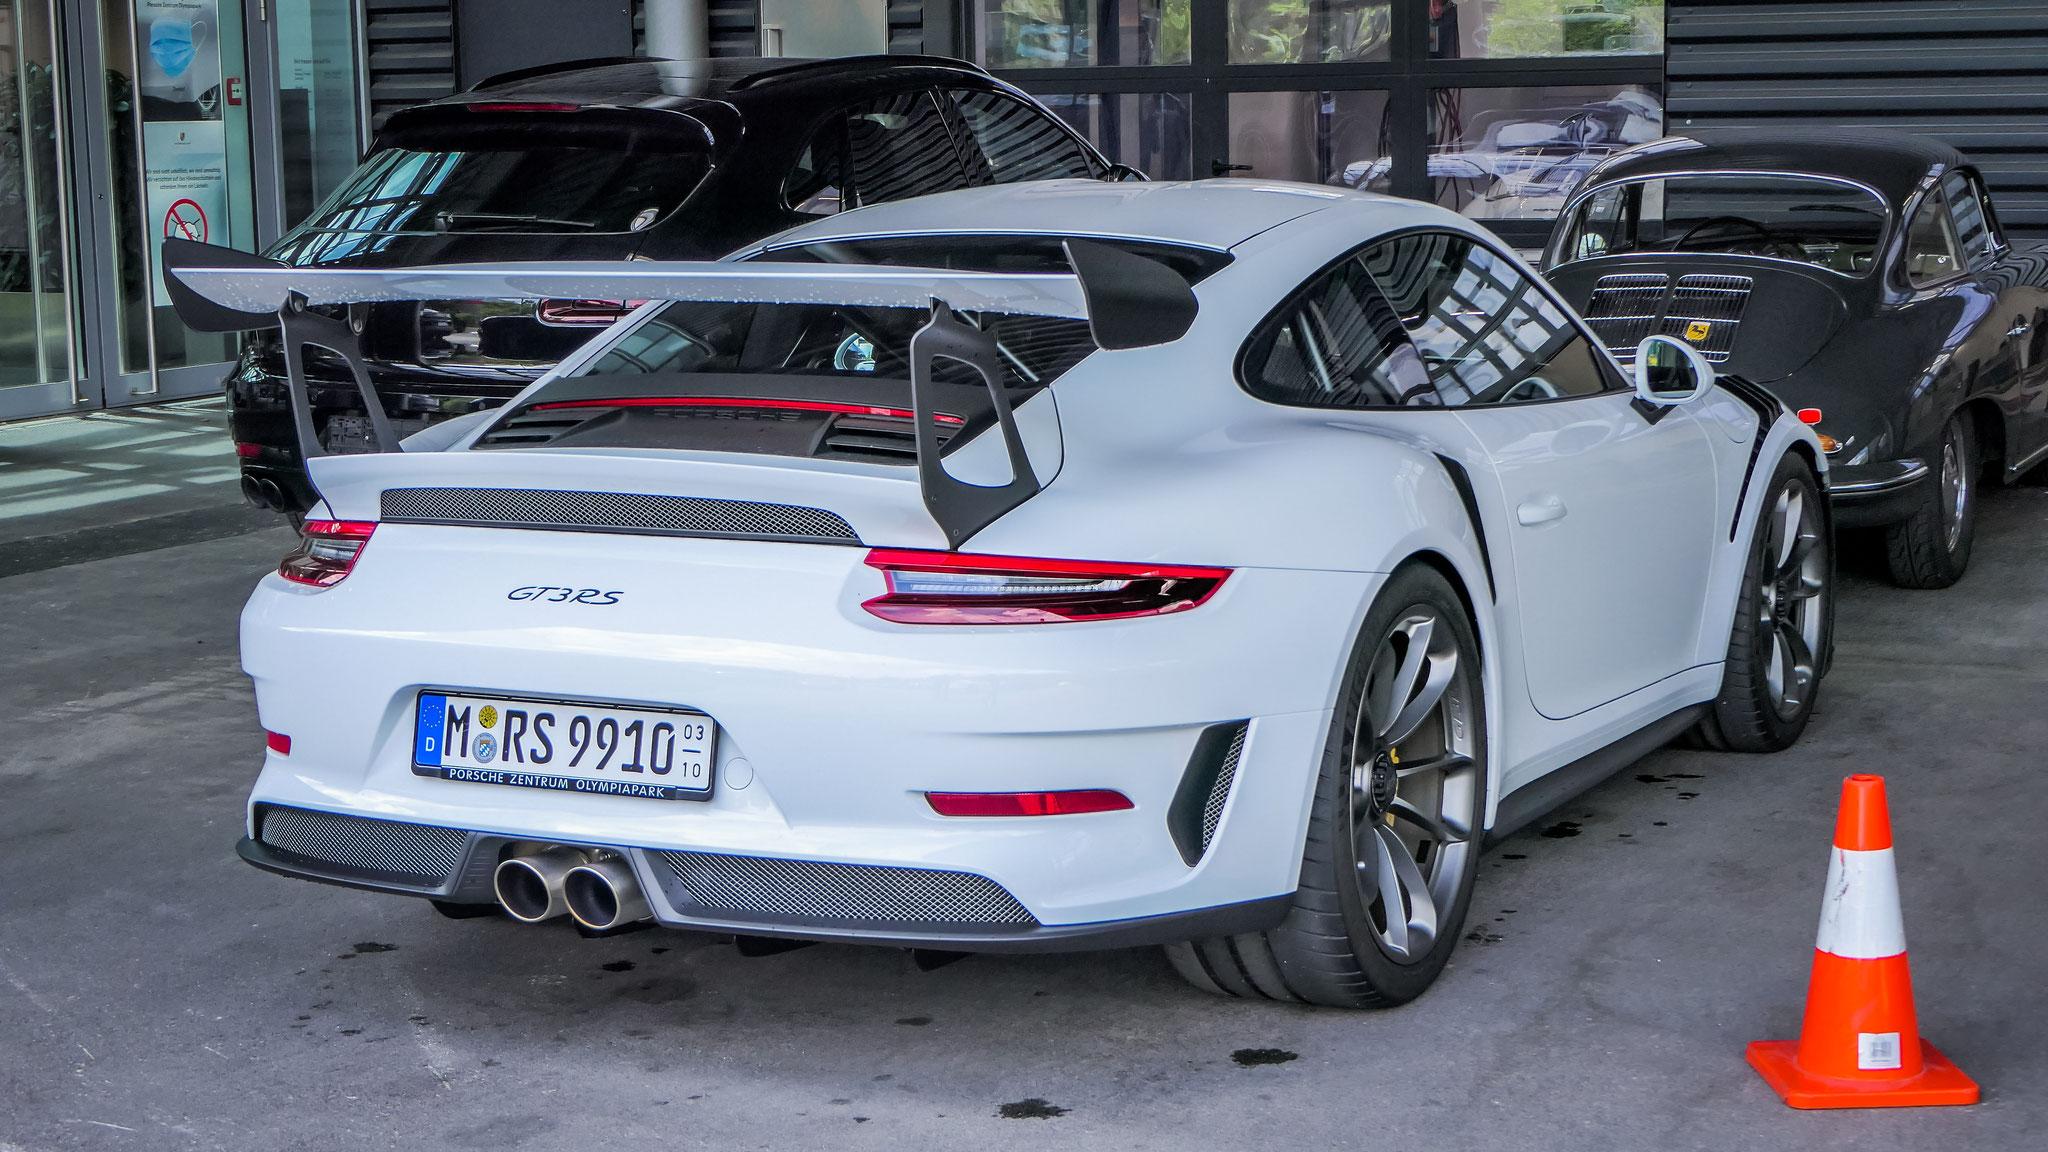 Porsche 911 991.2 GT3 RS - M-RS-9910